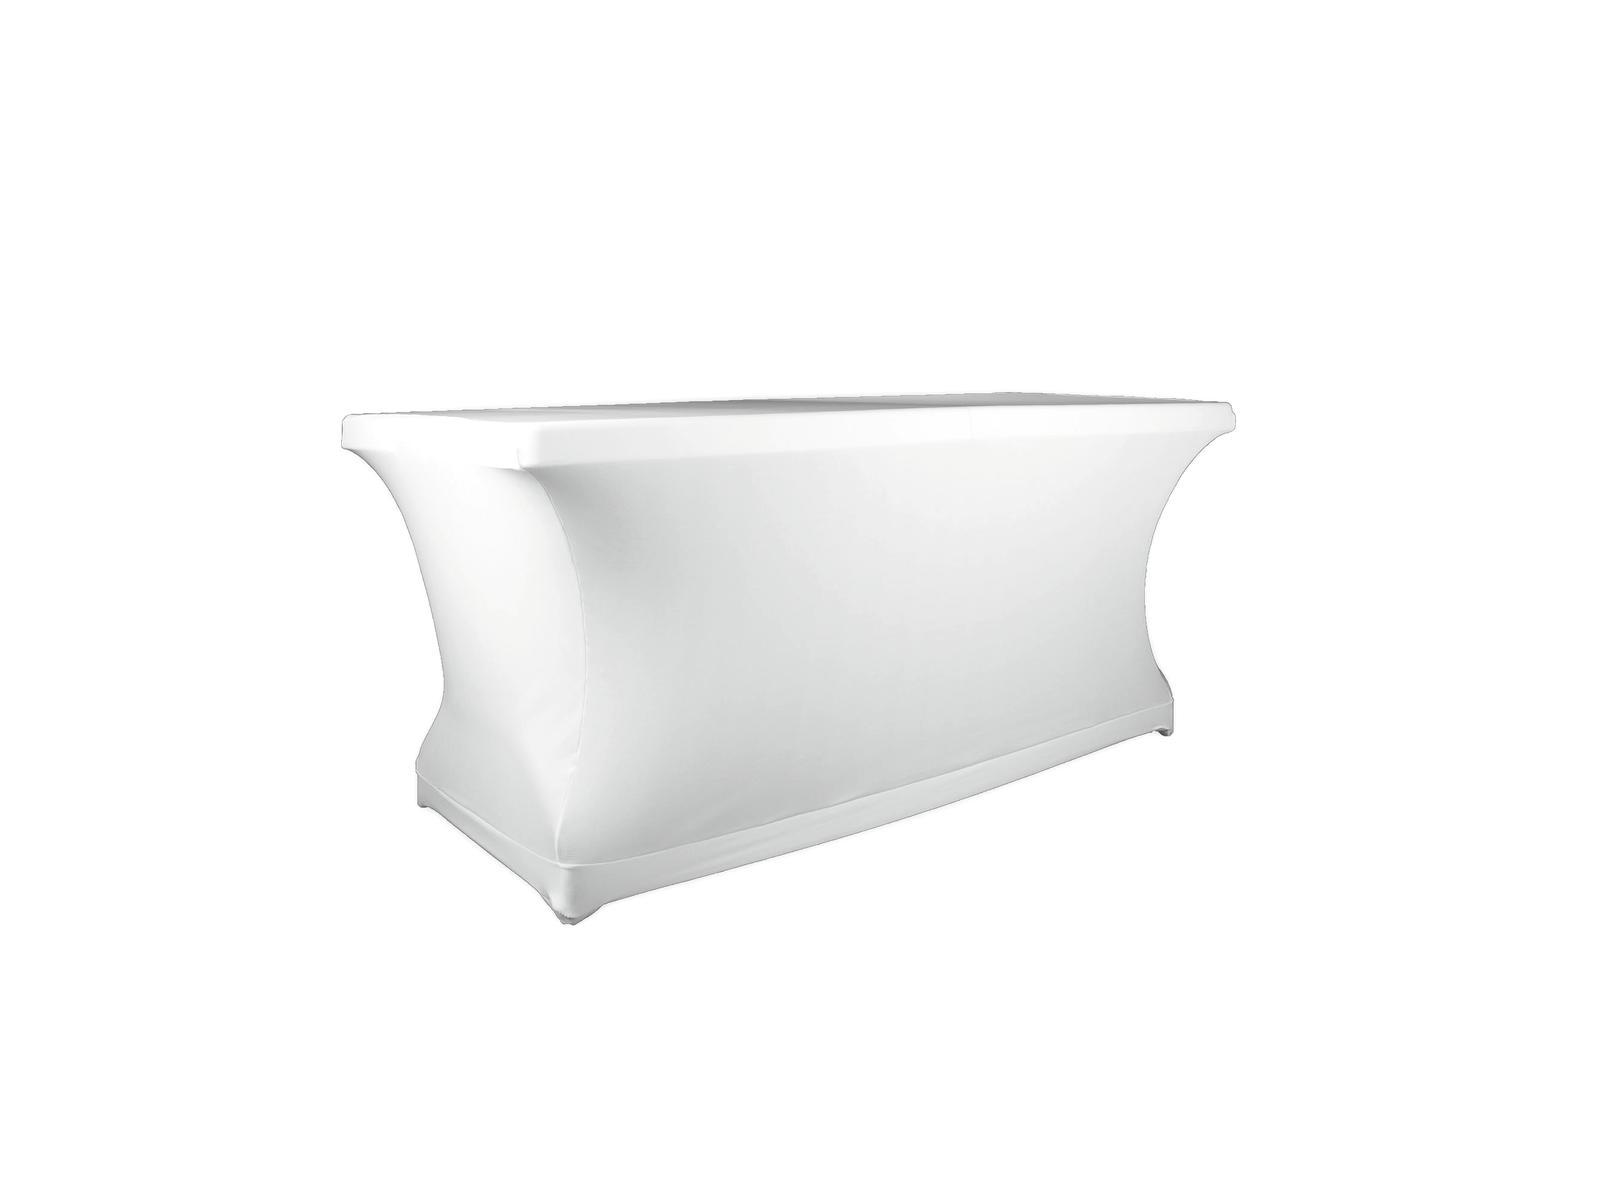 ESPANDERE XPTG Deskcover chiuso bianco